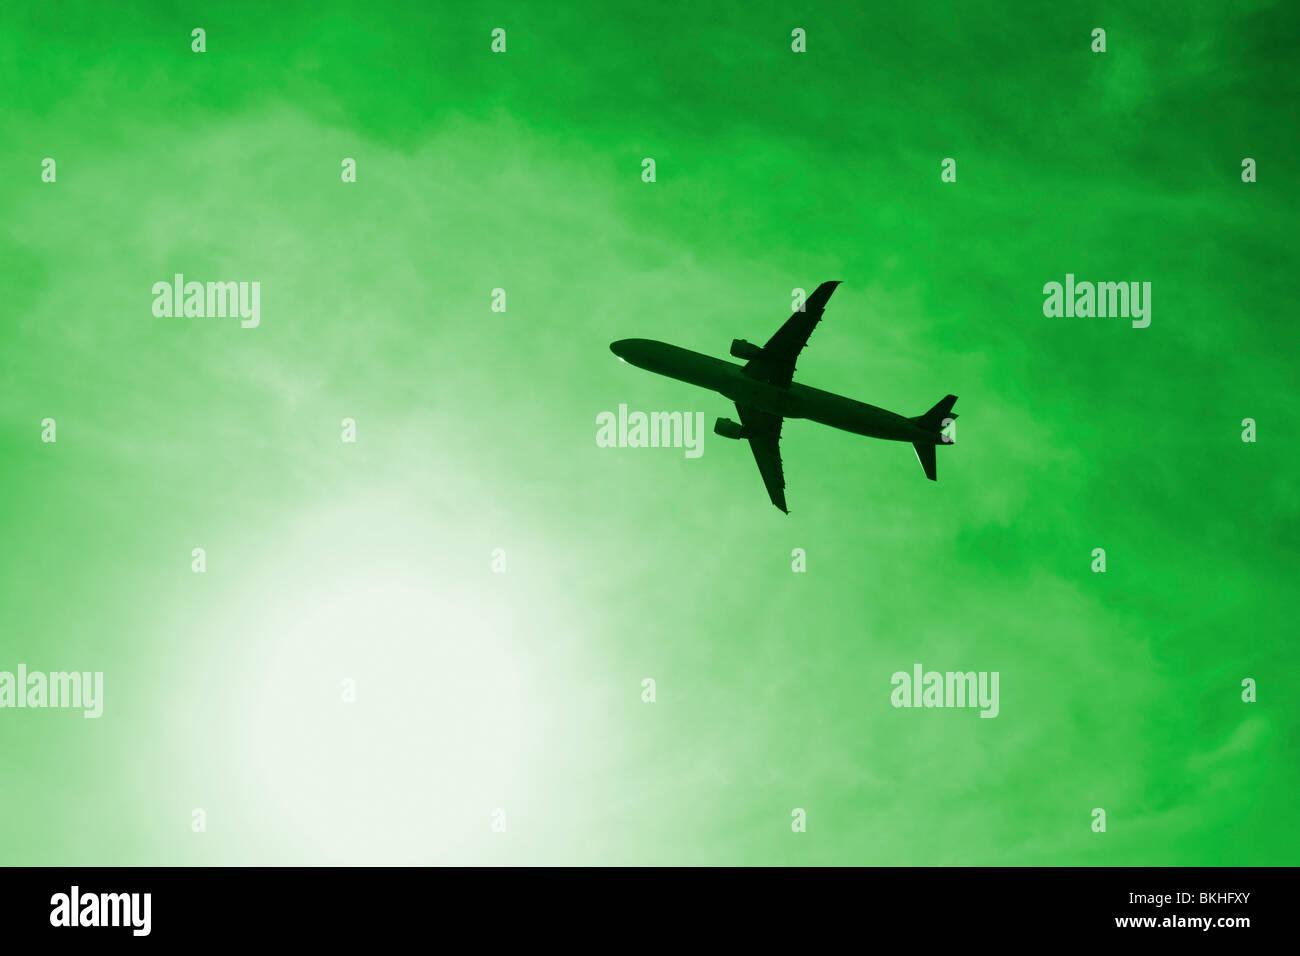 Flugzeug in der Nähe von Sun gegen grünen Himmel. Könnte verwendet werden, um Verschmutzung, Flugreisen, Stockbild